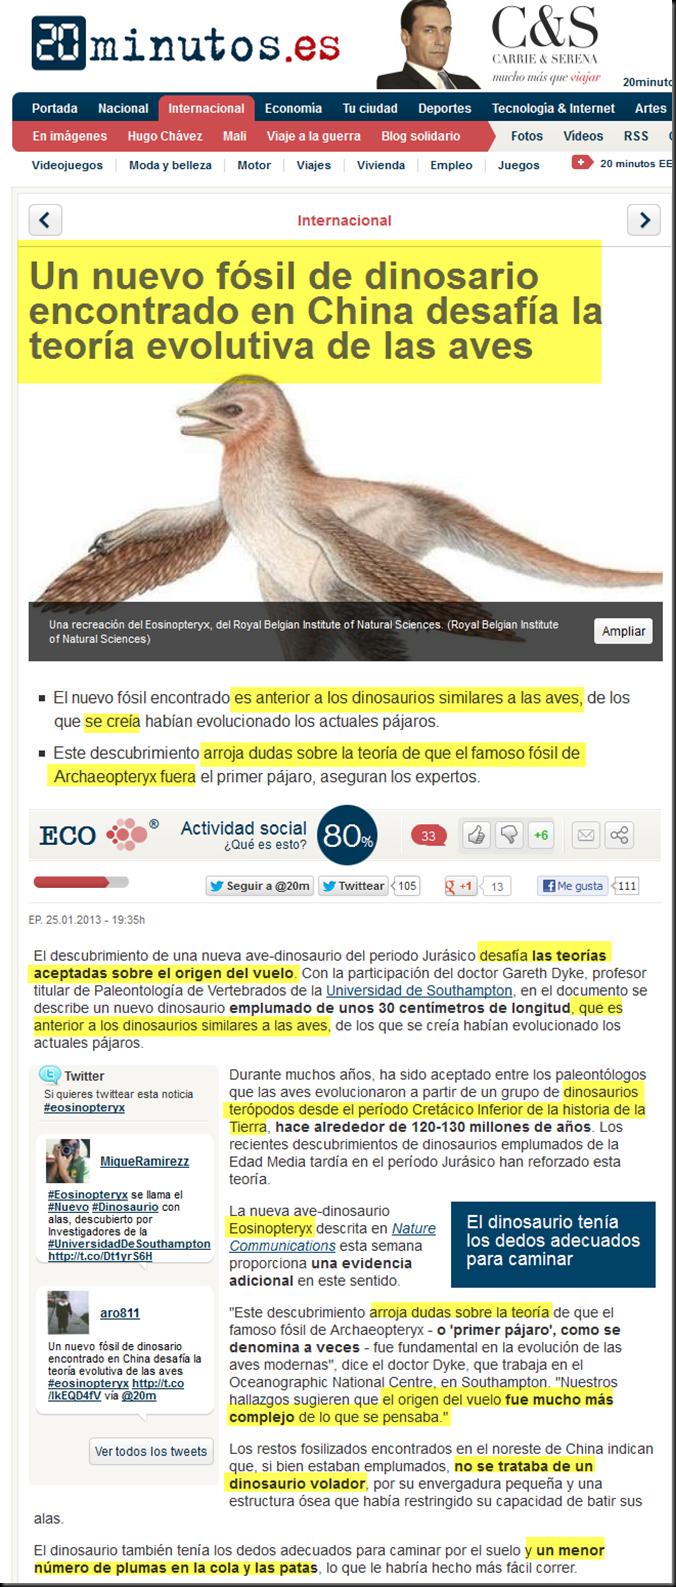 El eosinopteryx, el nuevo fraude de dino-ave en la teoría de la evolución Image_thumb40